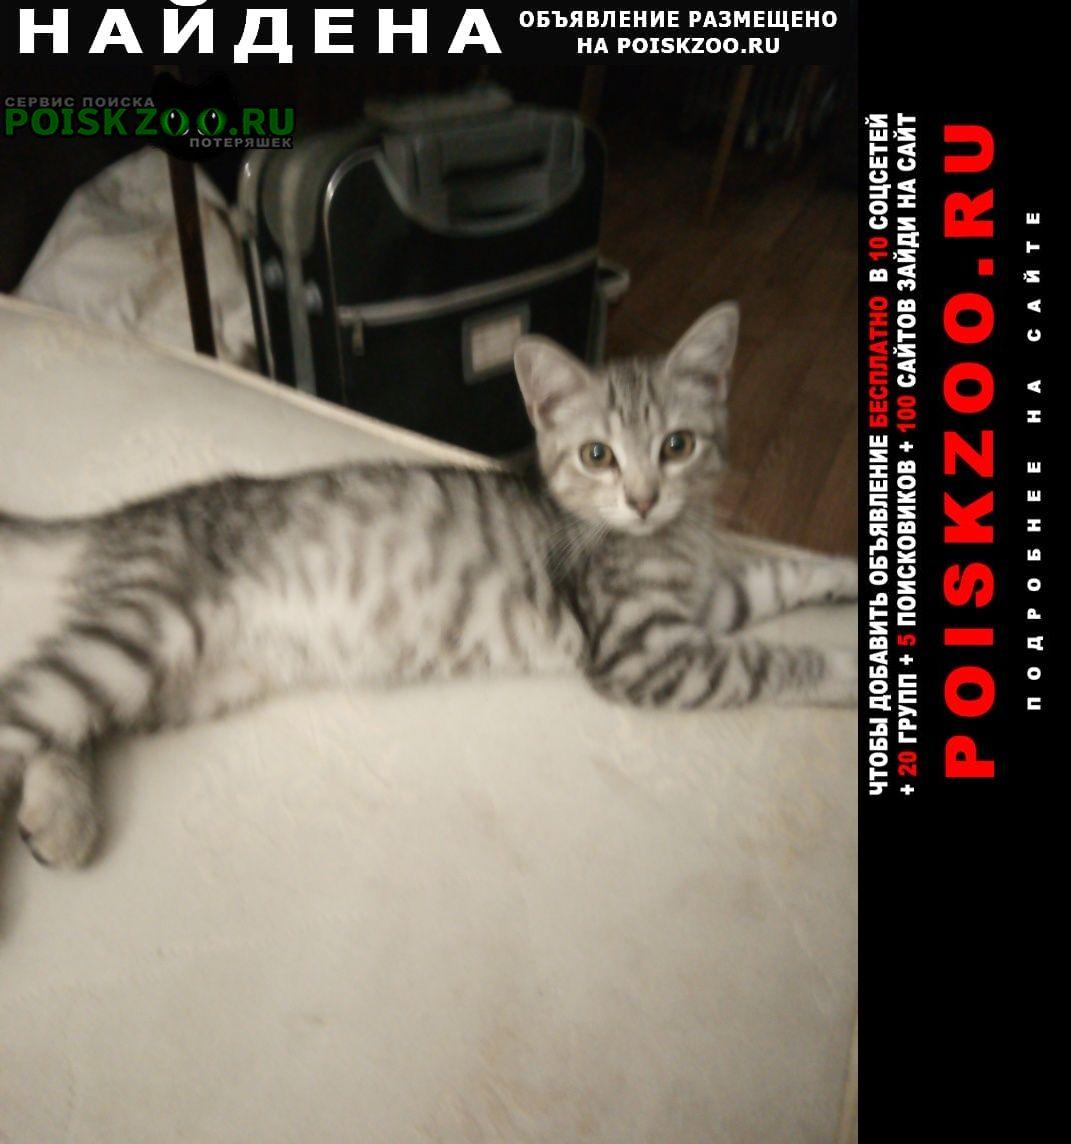 Найден котик серый полосатый 4 месяца Нижний Новгород